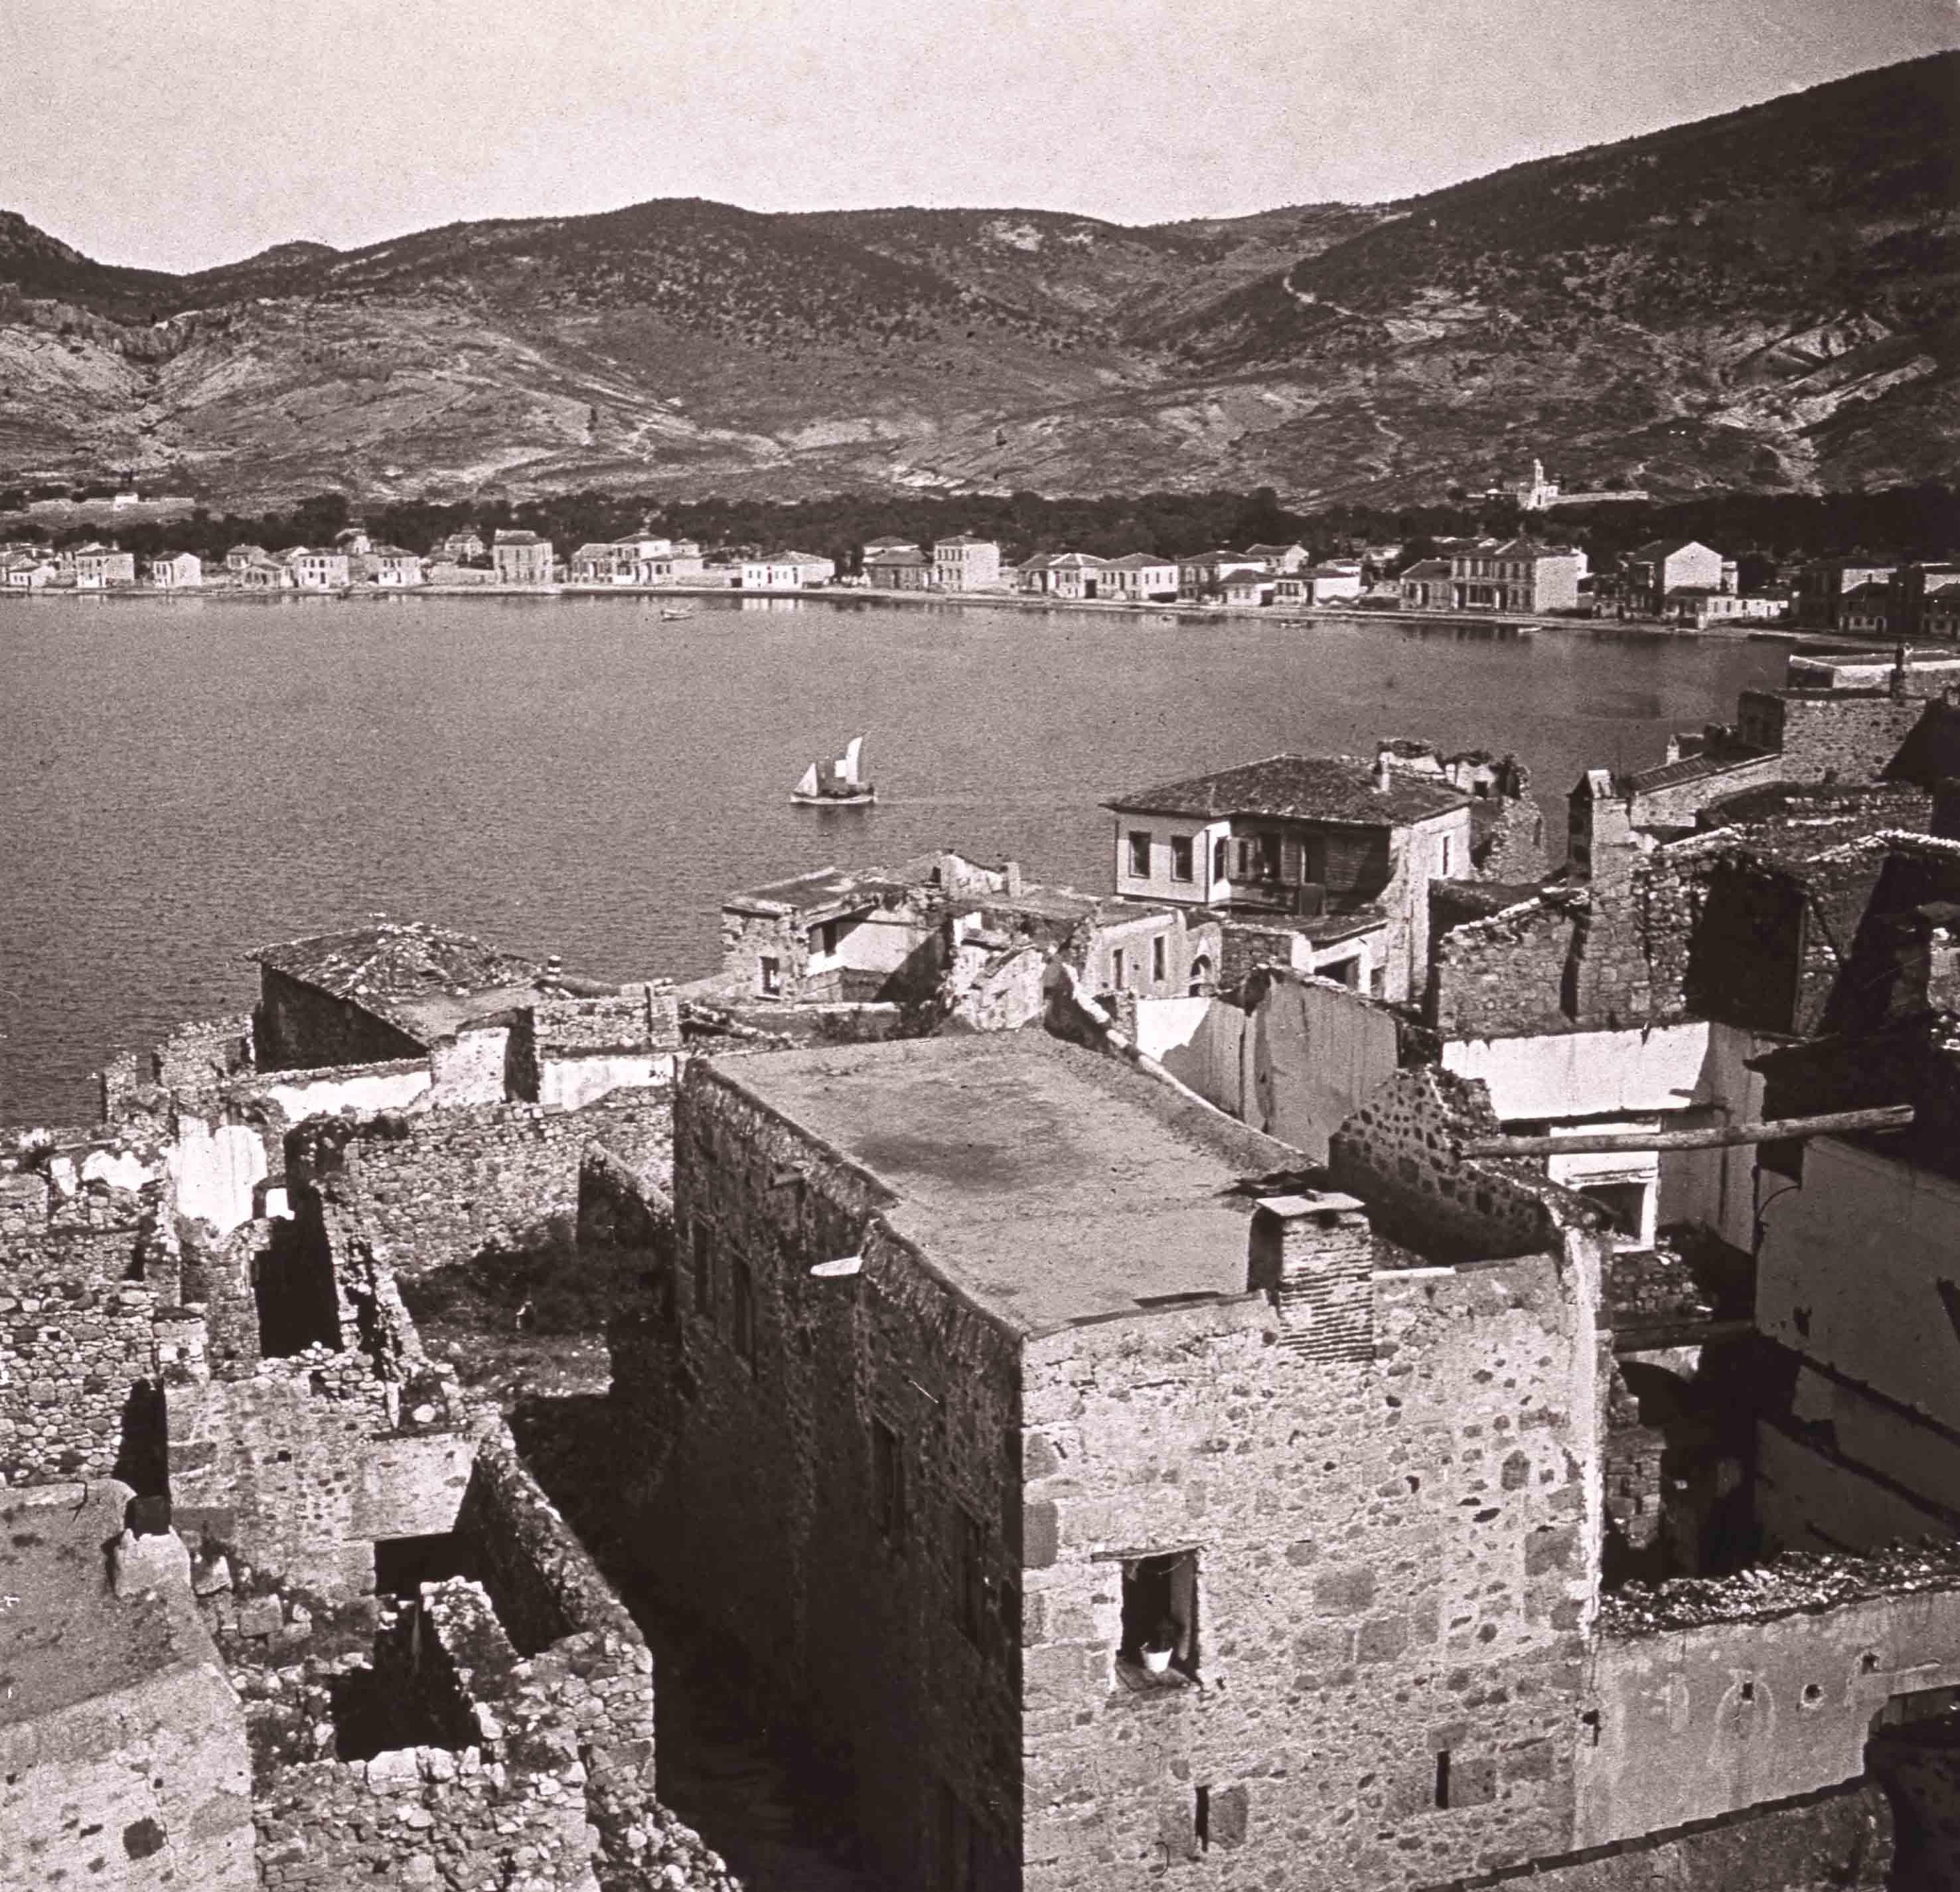 Γεγονότα στη Φώκαια 1914 της Ανιες Σκλάβου και του Στέλιου Τατάκη.